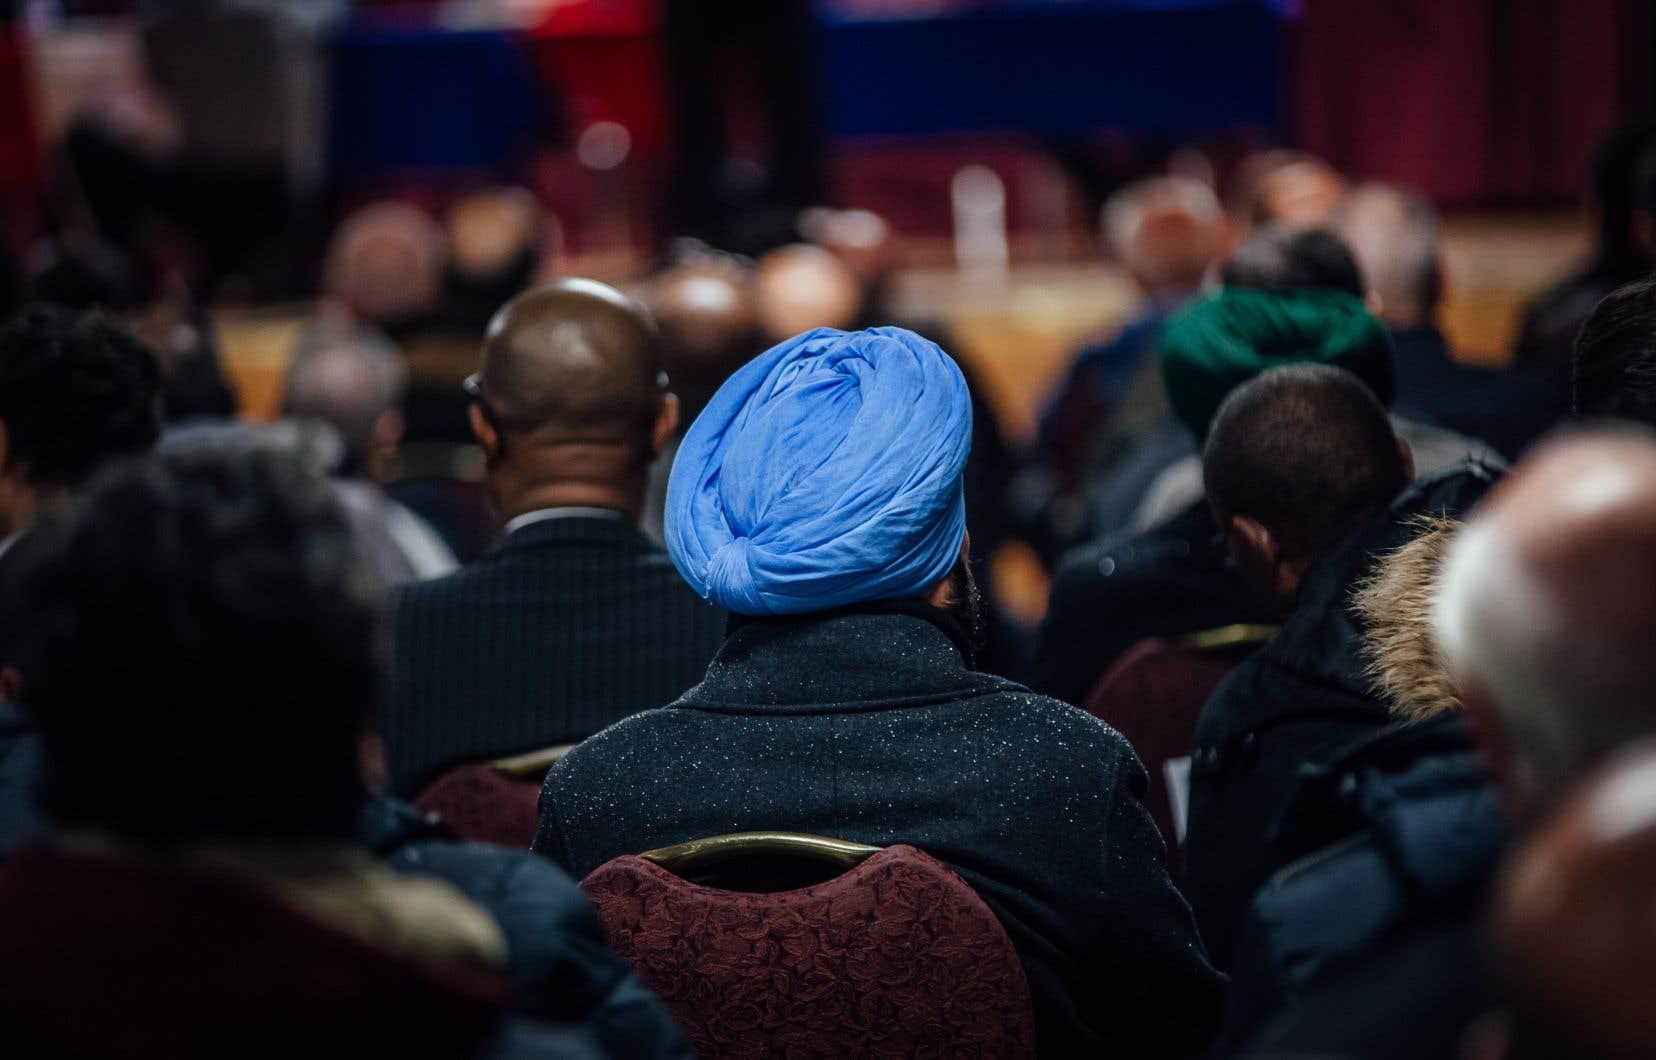 «La tolérance de la diversité des croyances ne doit pas mener à accepter, voire à encourager, des comportements qui contribuent à balkaniser la société», écrit l'auteur.